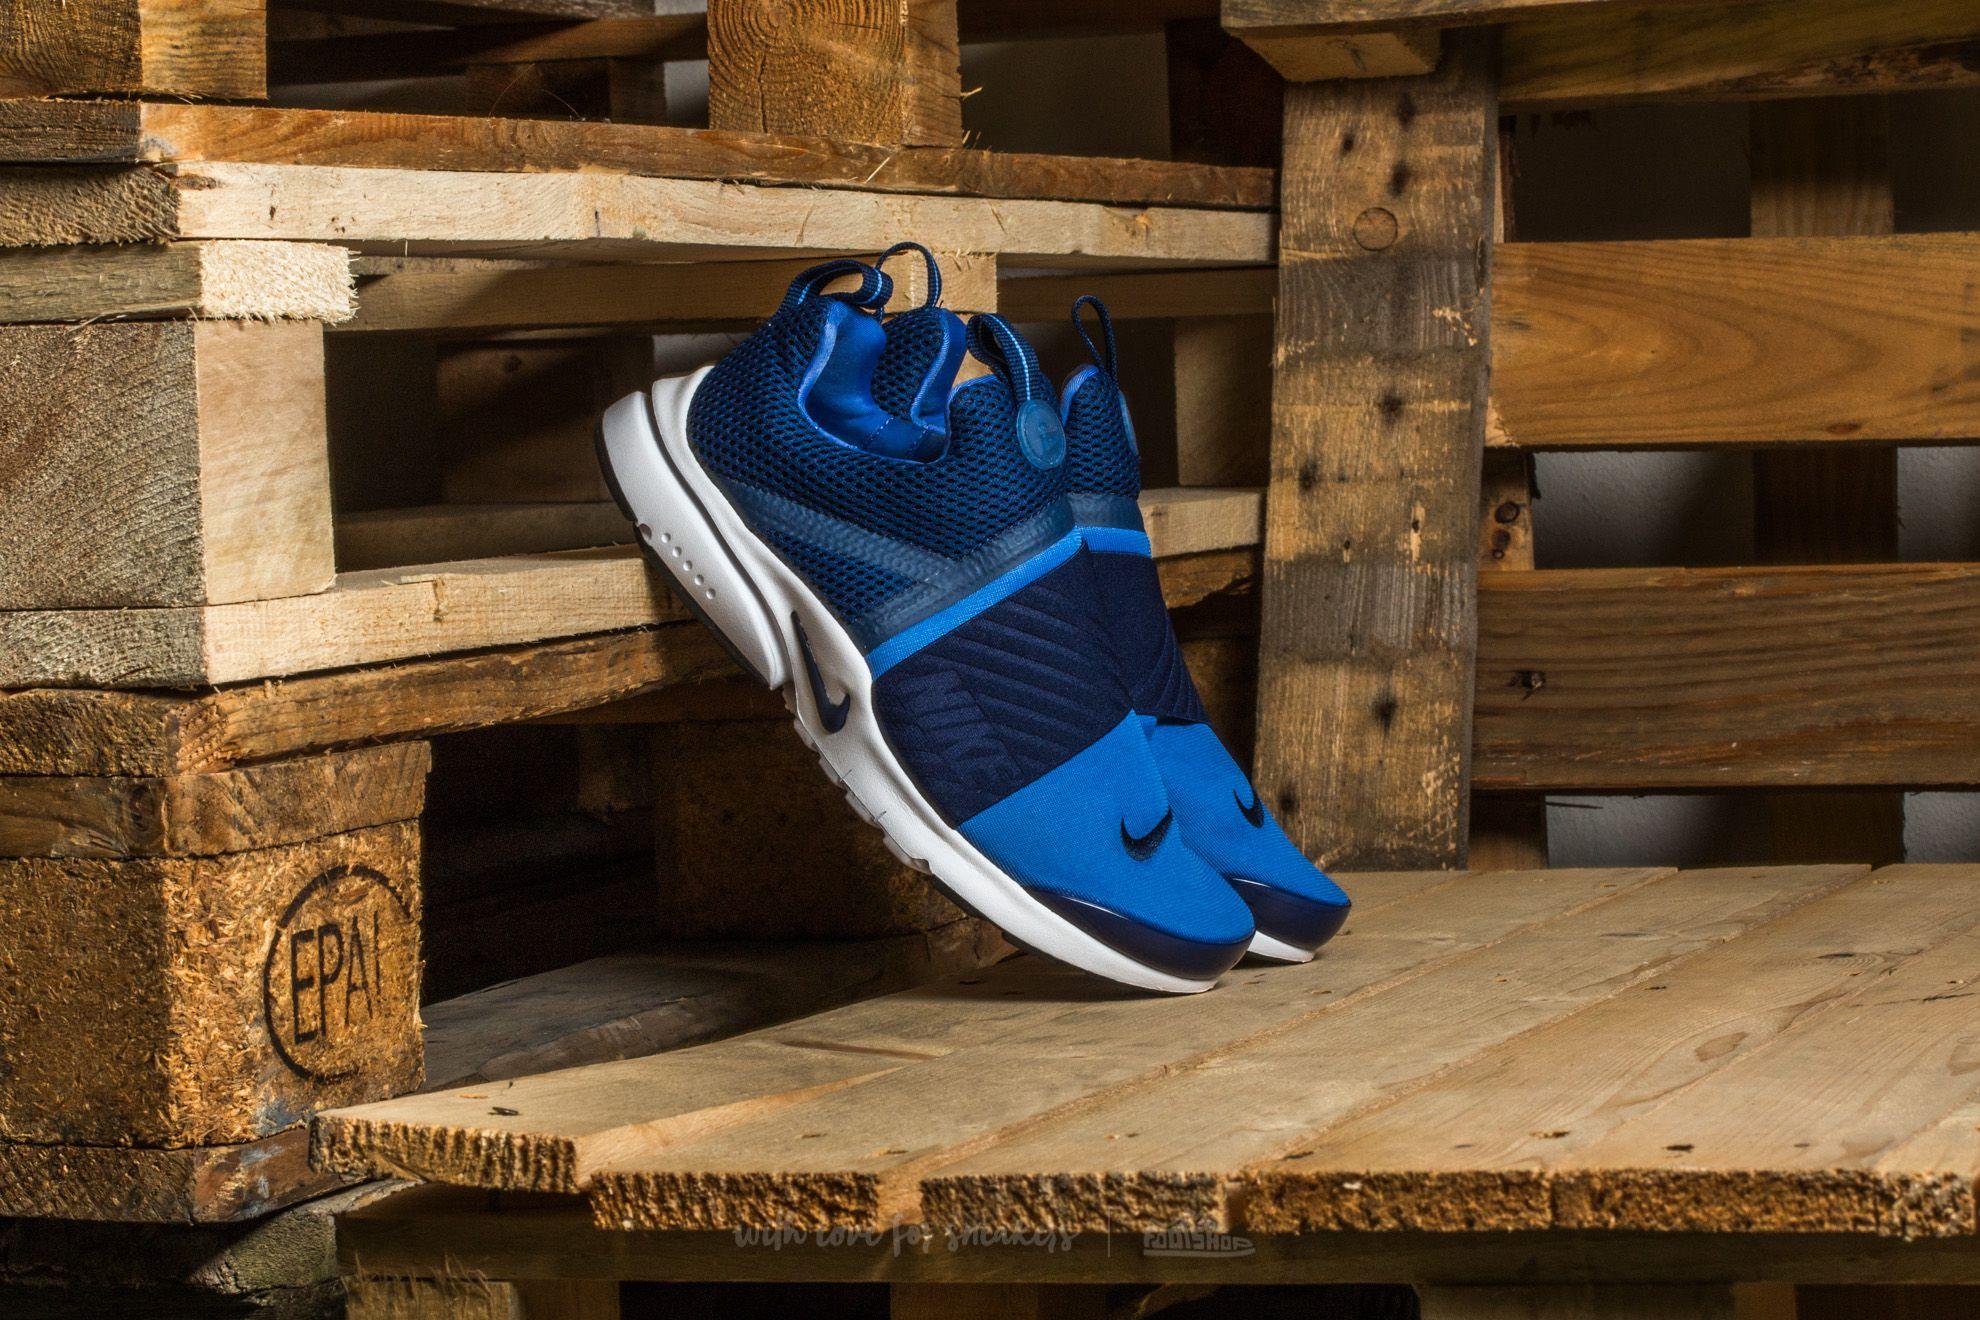 c357e4fa51f2 Nike Presto Extreme (GS) Comet Blue  Binary Blue-White